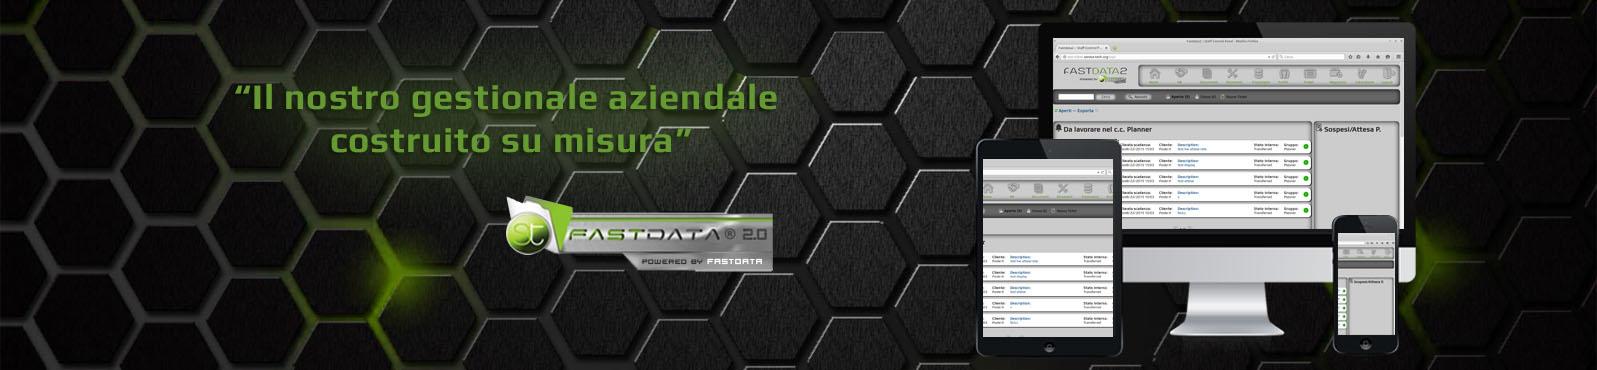 fastdata-t4t